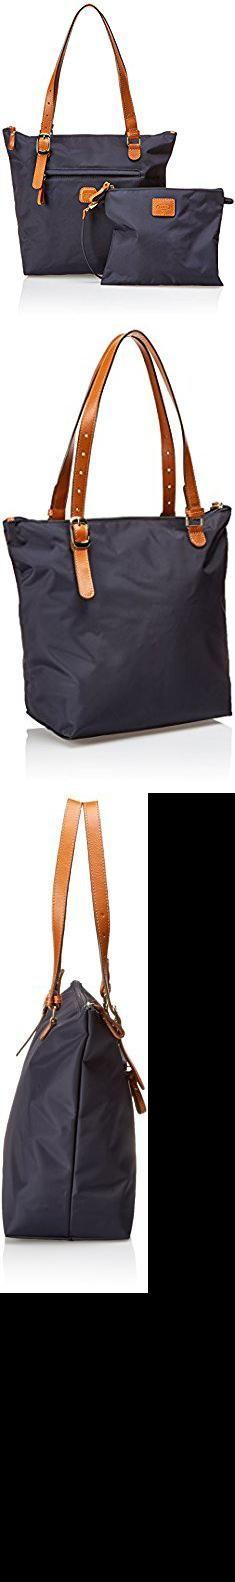 Brics Bags. Bric's Medium Sportina, Ocean Blue, One Size.  #brics #bags #bricsbags